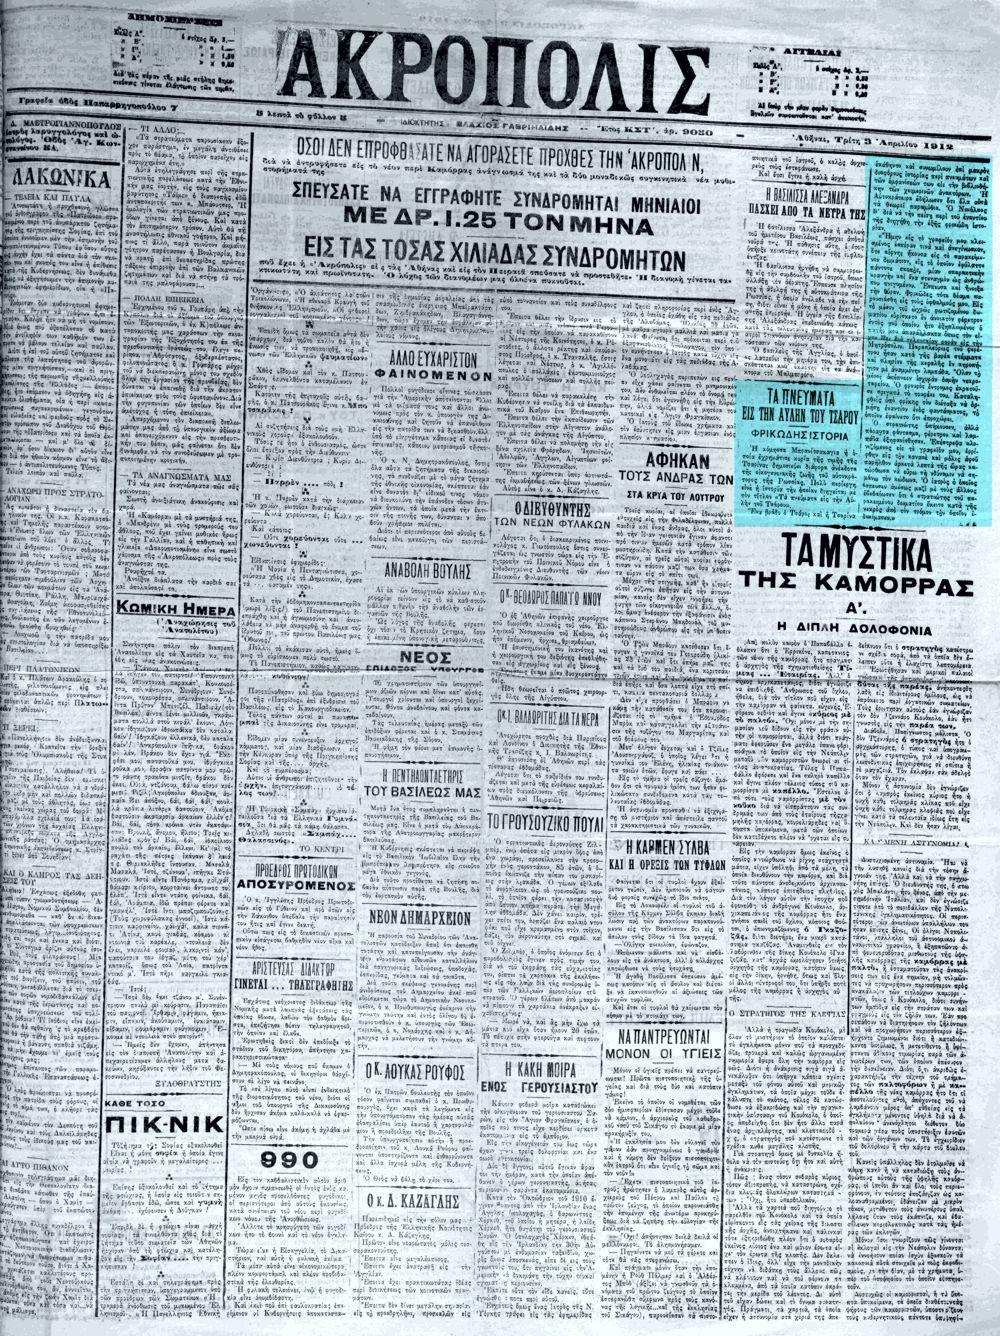 """Το άρθρο, όπως δημοσιεύθηκε στην εφημερίδα """"ΑΚΡΟΠΟΛΙΣ"""", στις 03/04/1912"""